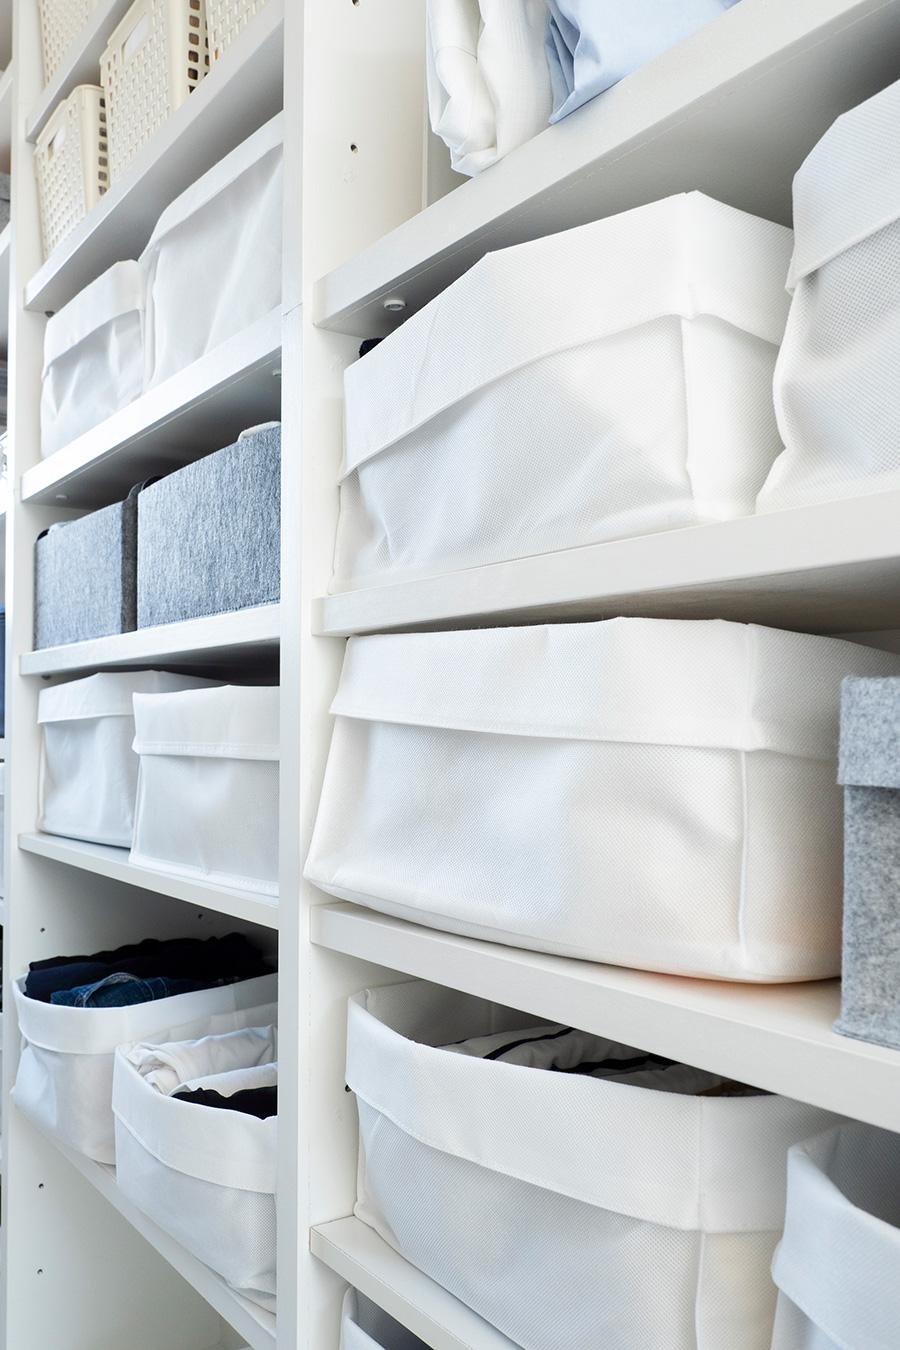 Seriaの不織布のカゴは、入れるものの中身に合わせて高さを変えられるのが便利。